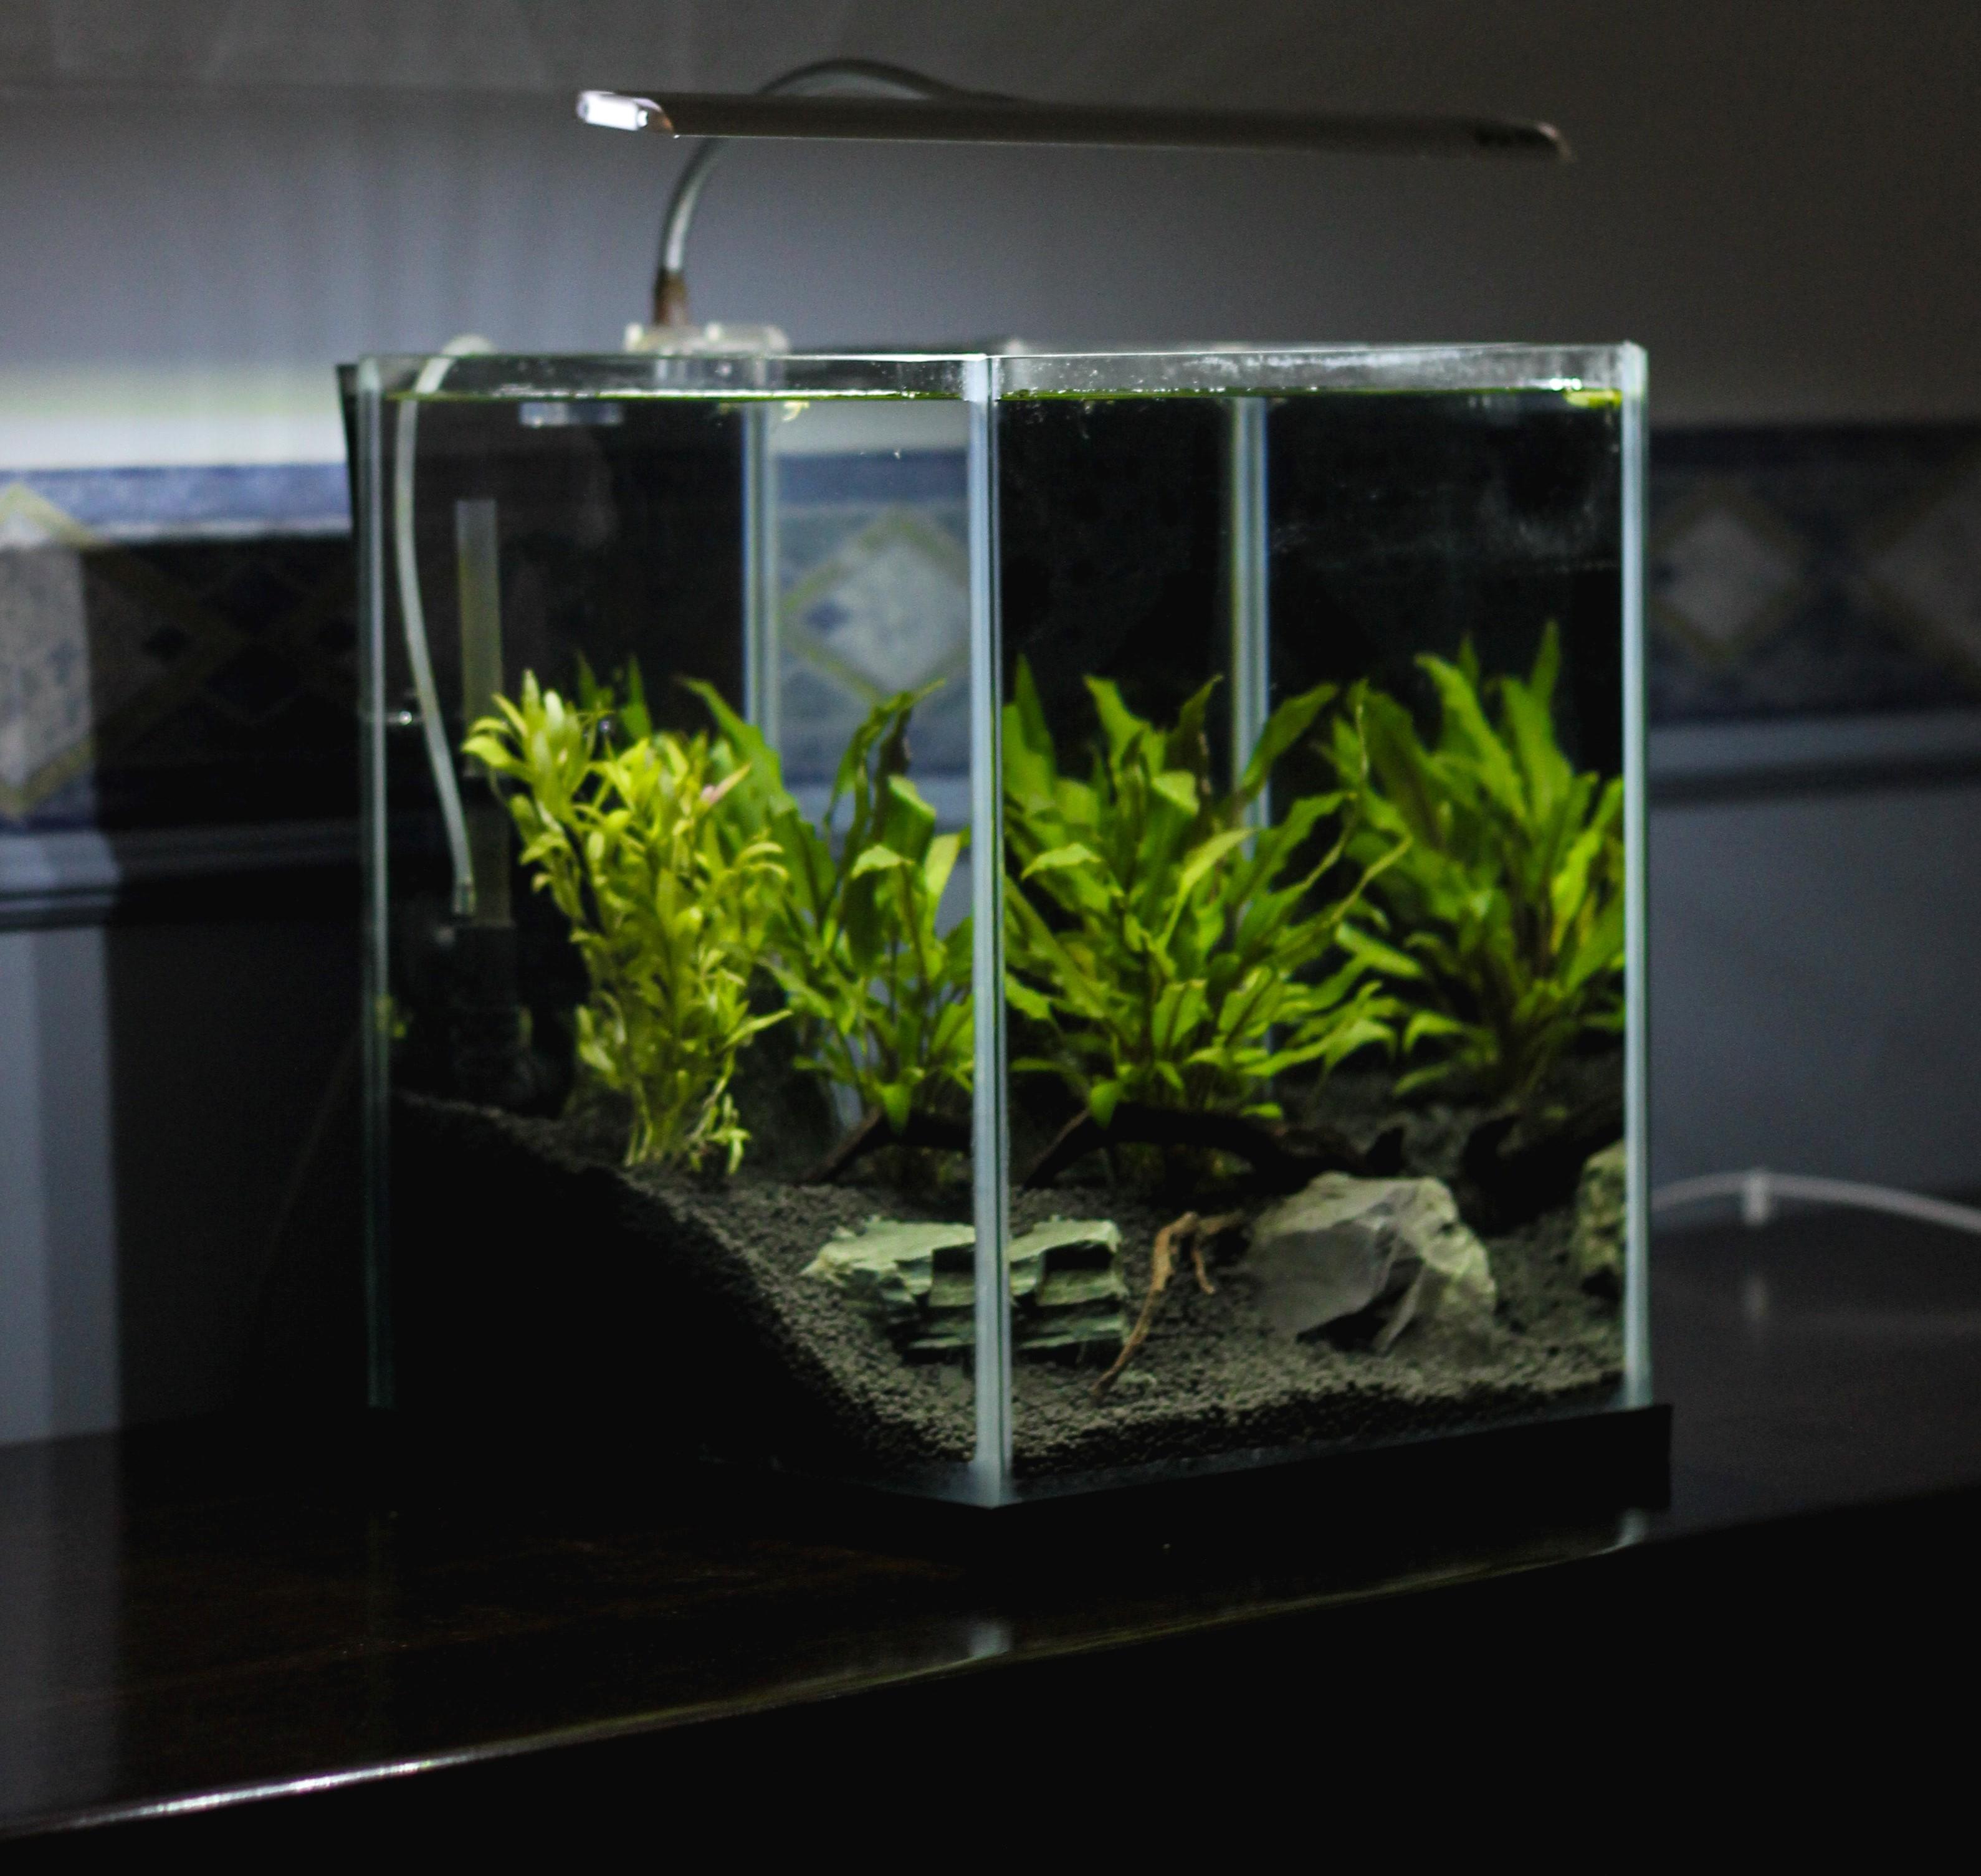 Skleněné akvárium s kameny a vodními rostlinami